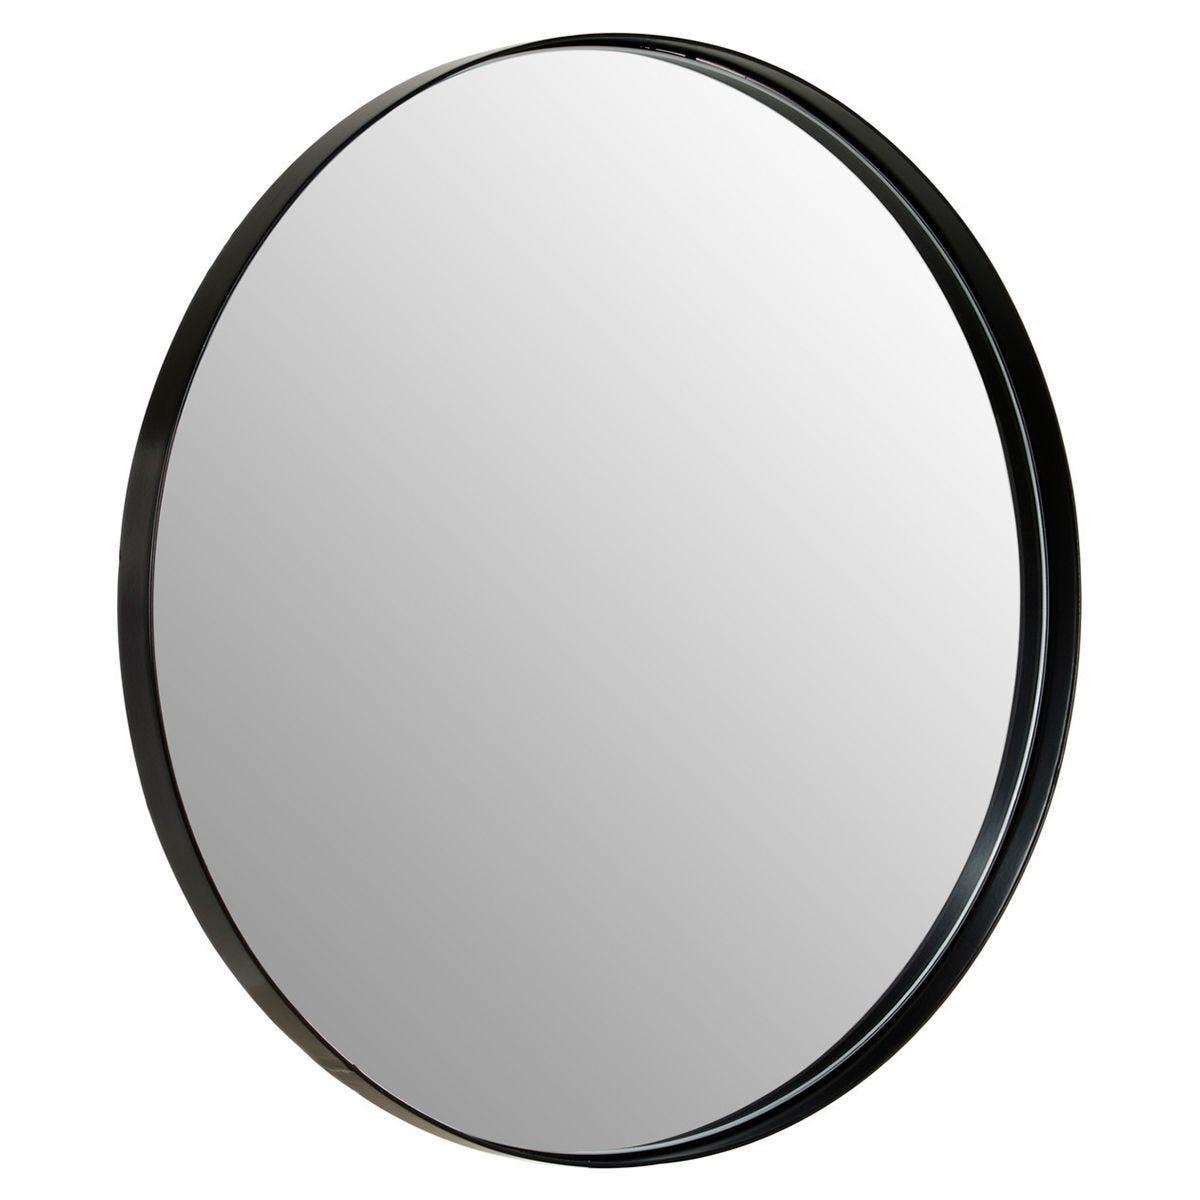 Wall Mirror in Matte Black - Medium